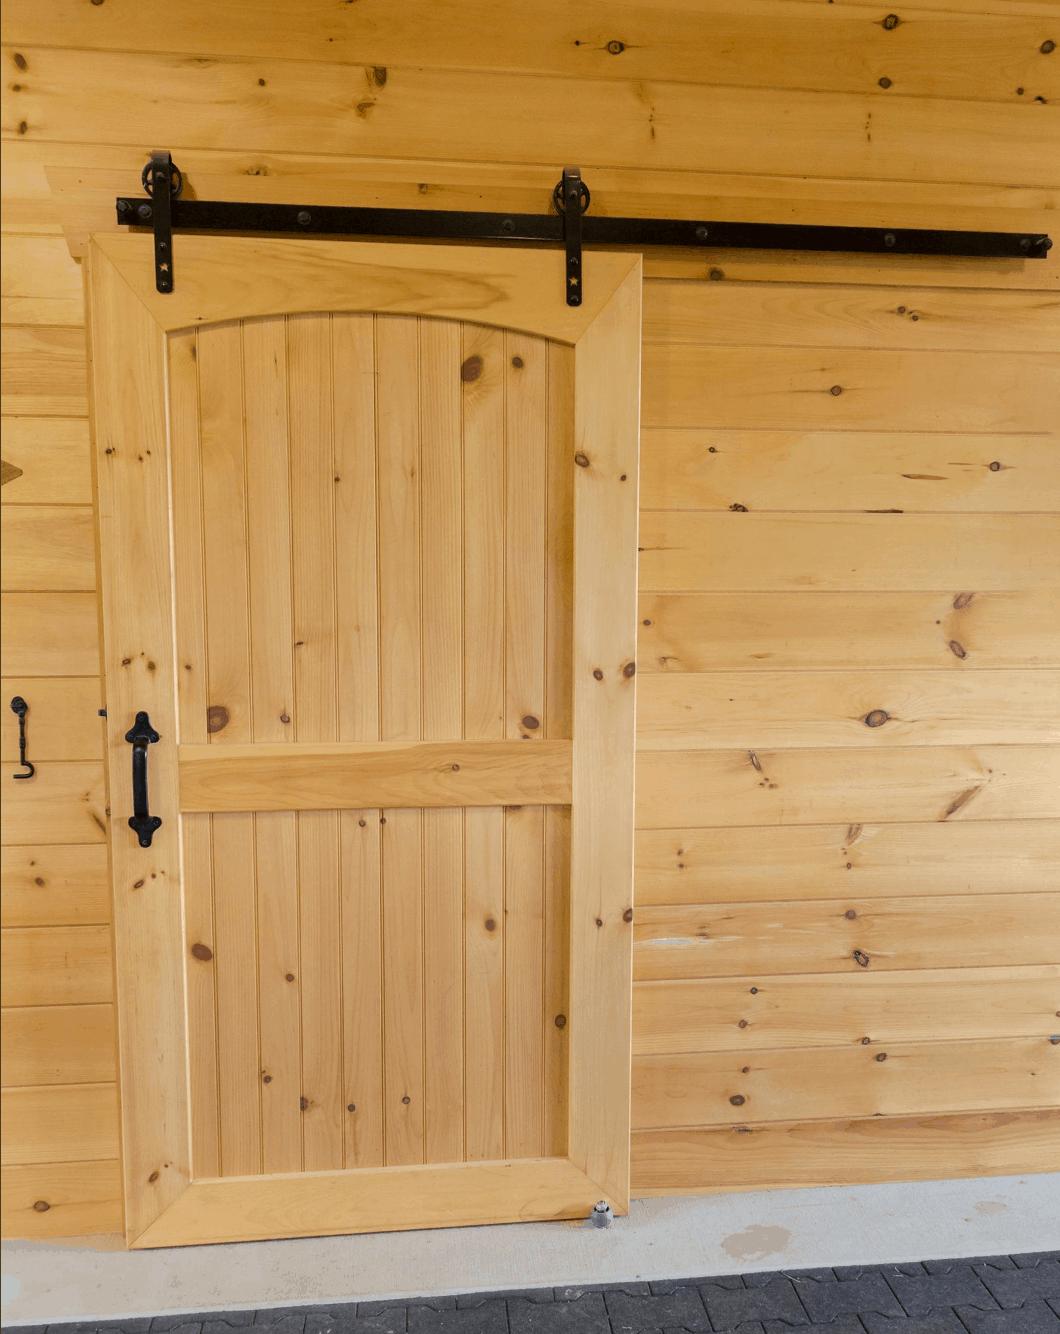 barn door wood grain knotty pine